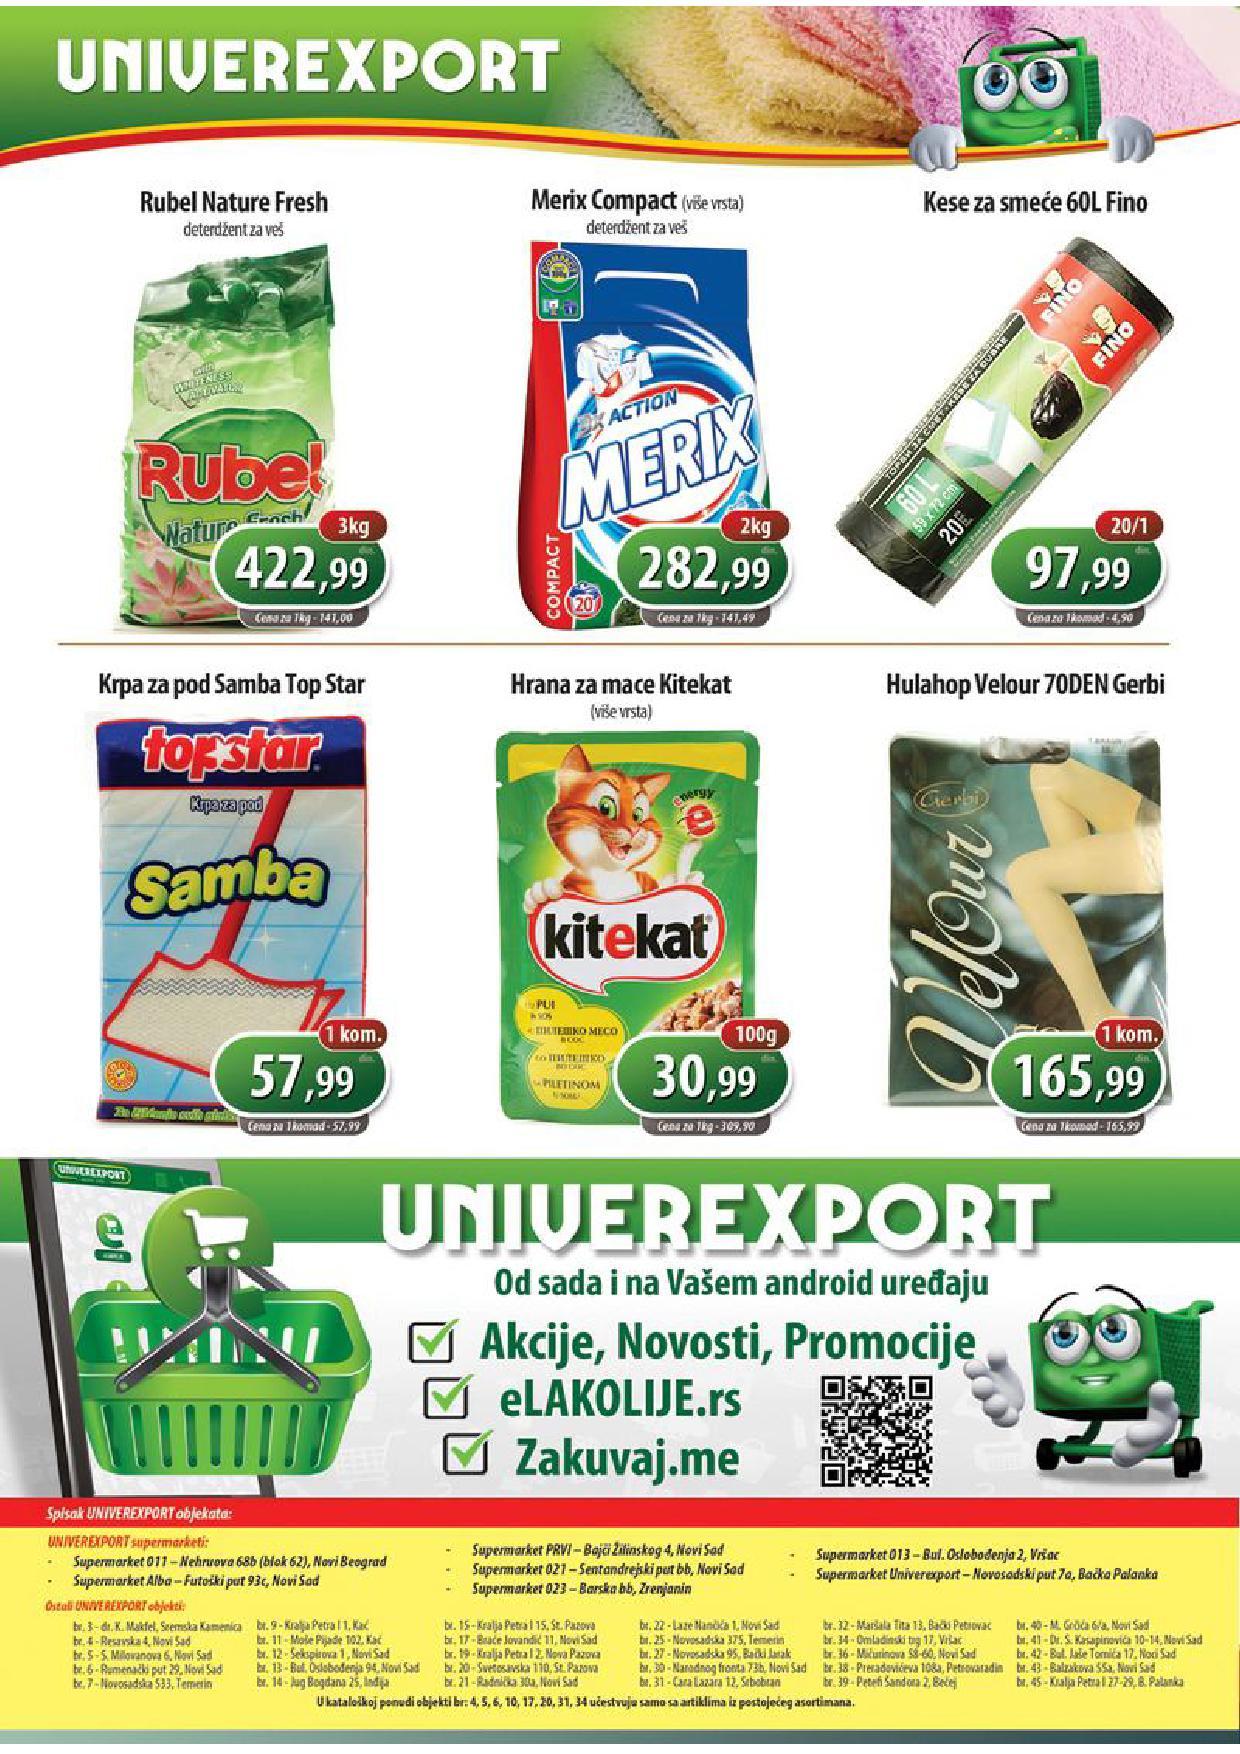 Univerexport katalog najbolje ponude